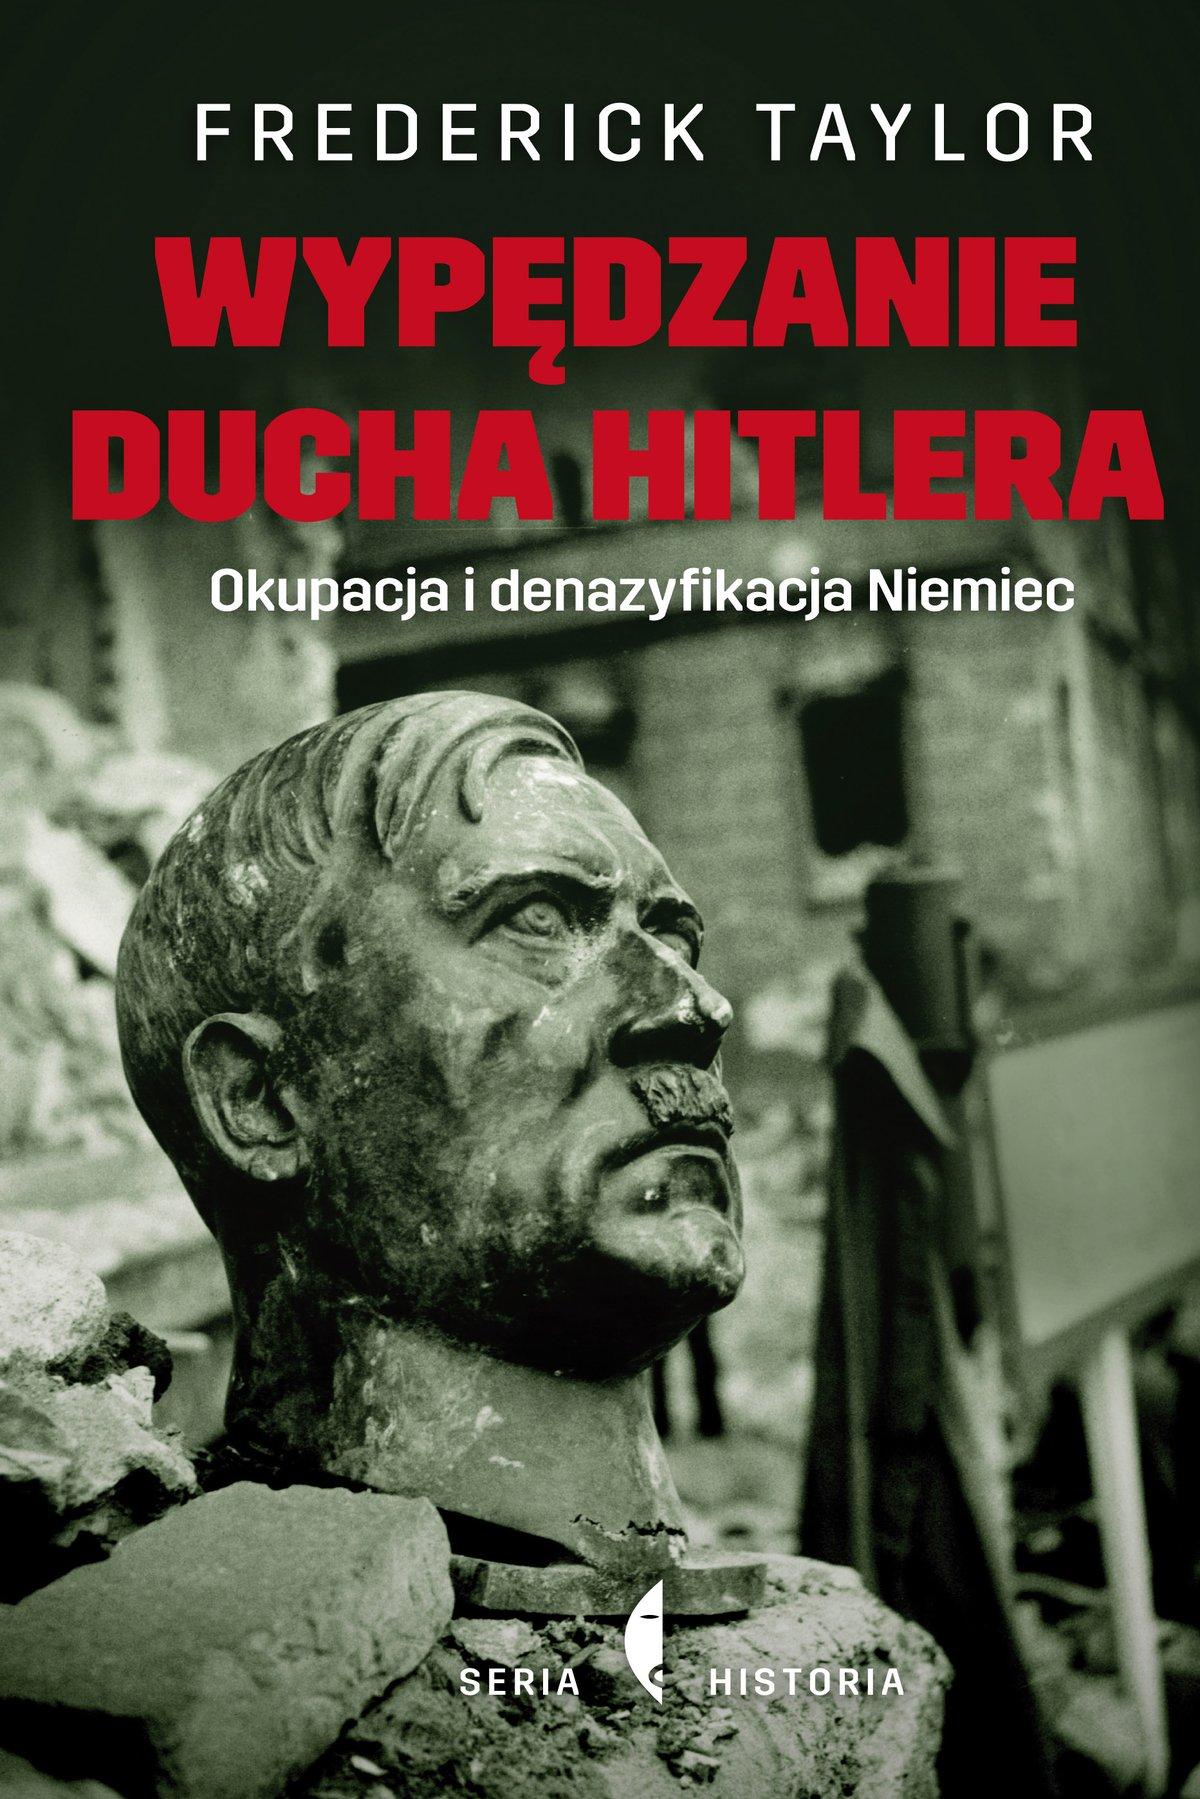 Wypędzanie ducha Hitlera - Ebook (Książka na Kindle) do pobrania w formacie MOBI